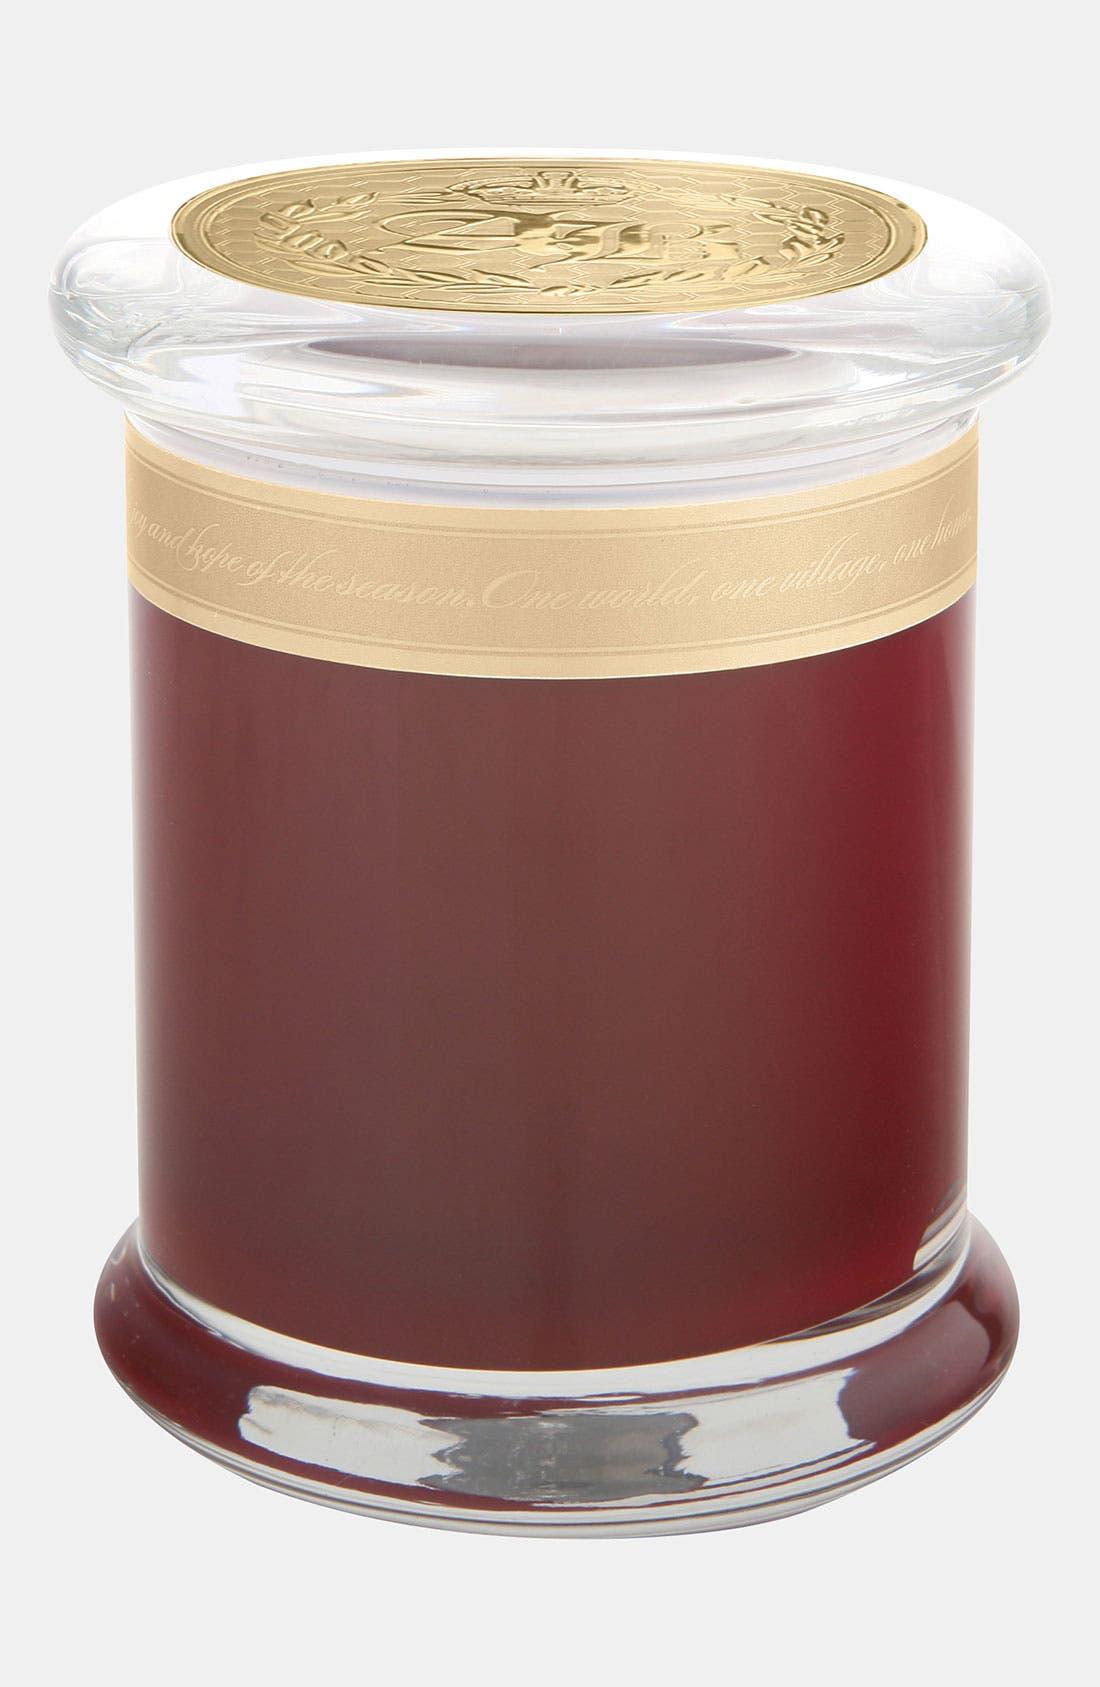 Main Image - Archipelago Botanicals 'Joy of the Season' Jar Candle